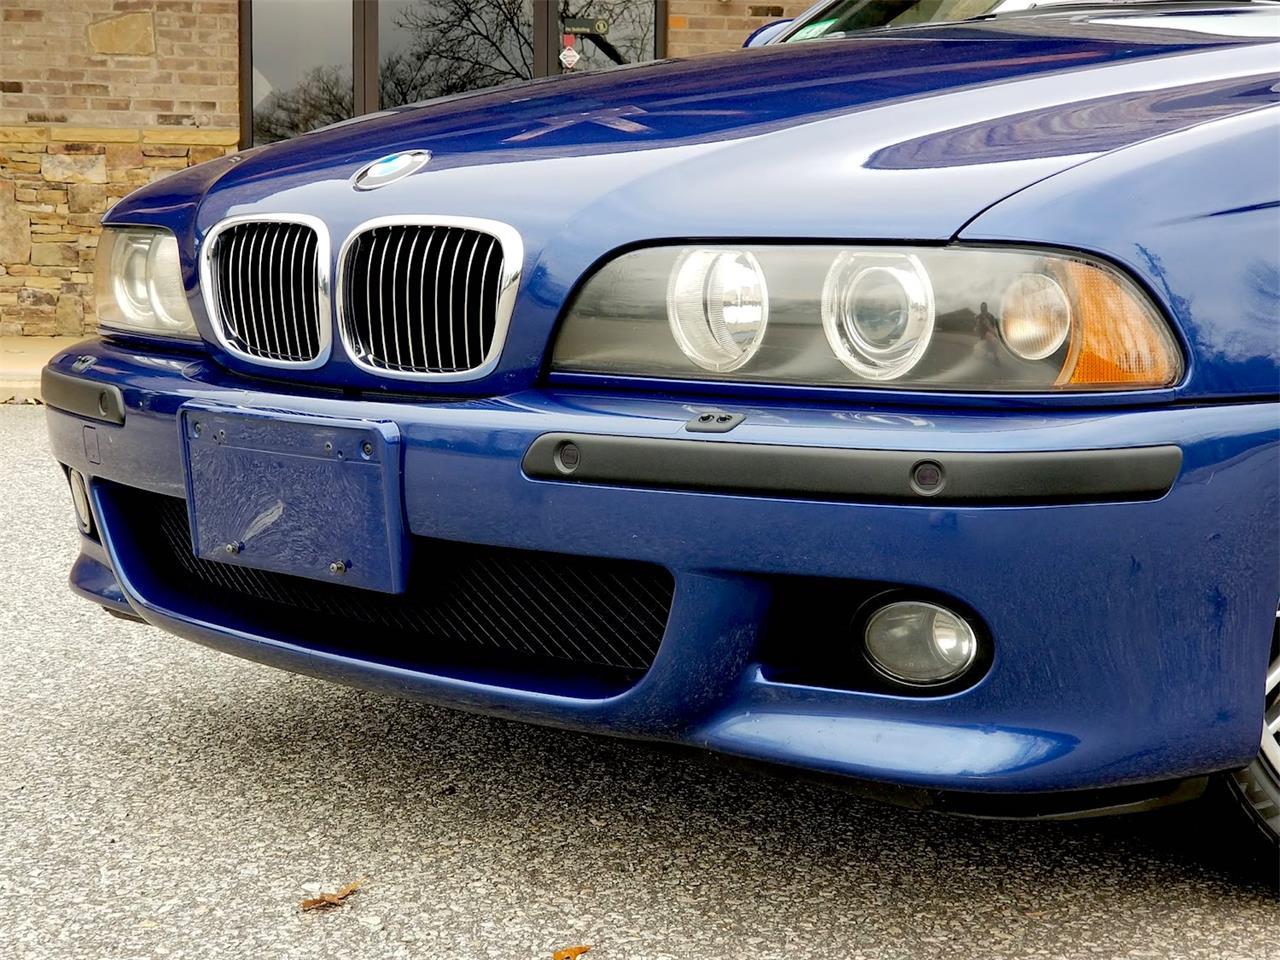 2001 Bmw M5 For Sale Classiccars Com Cc 1052745